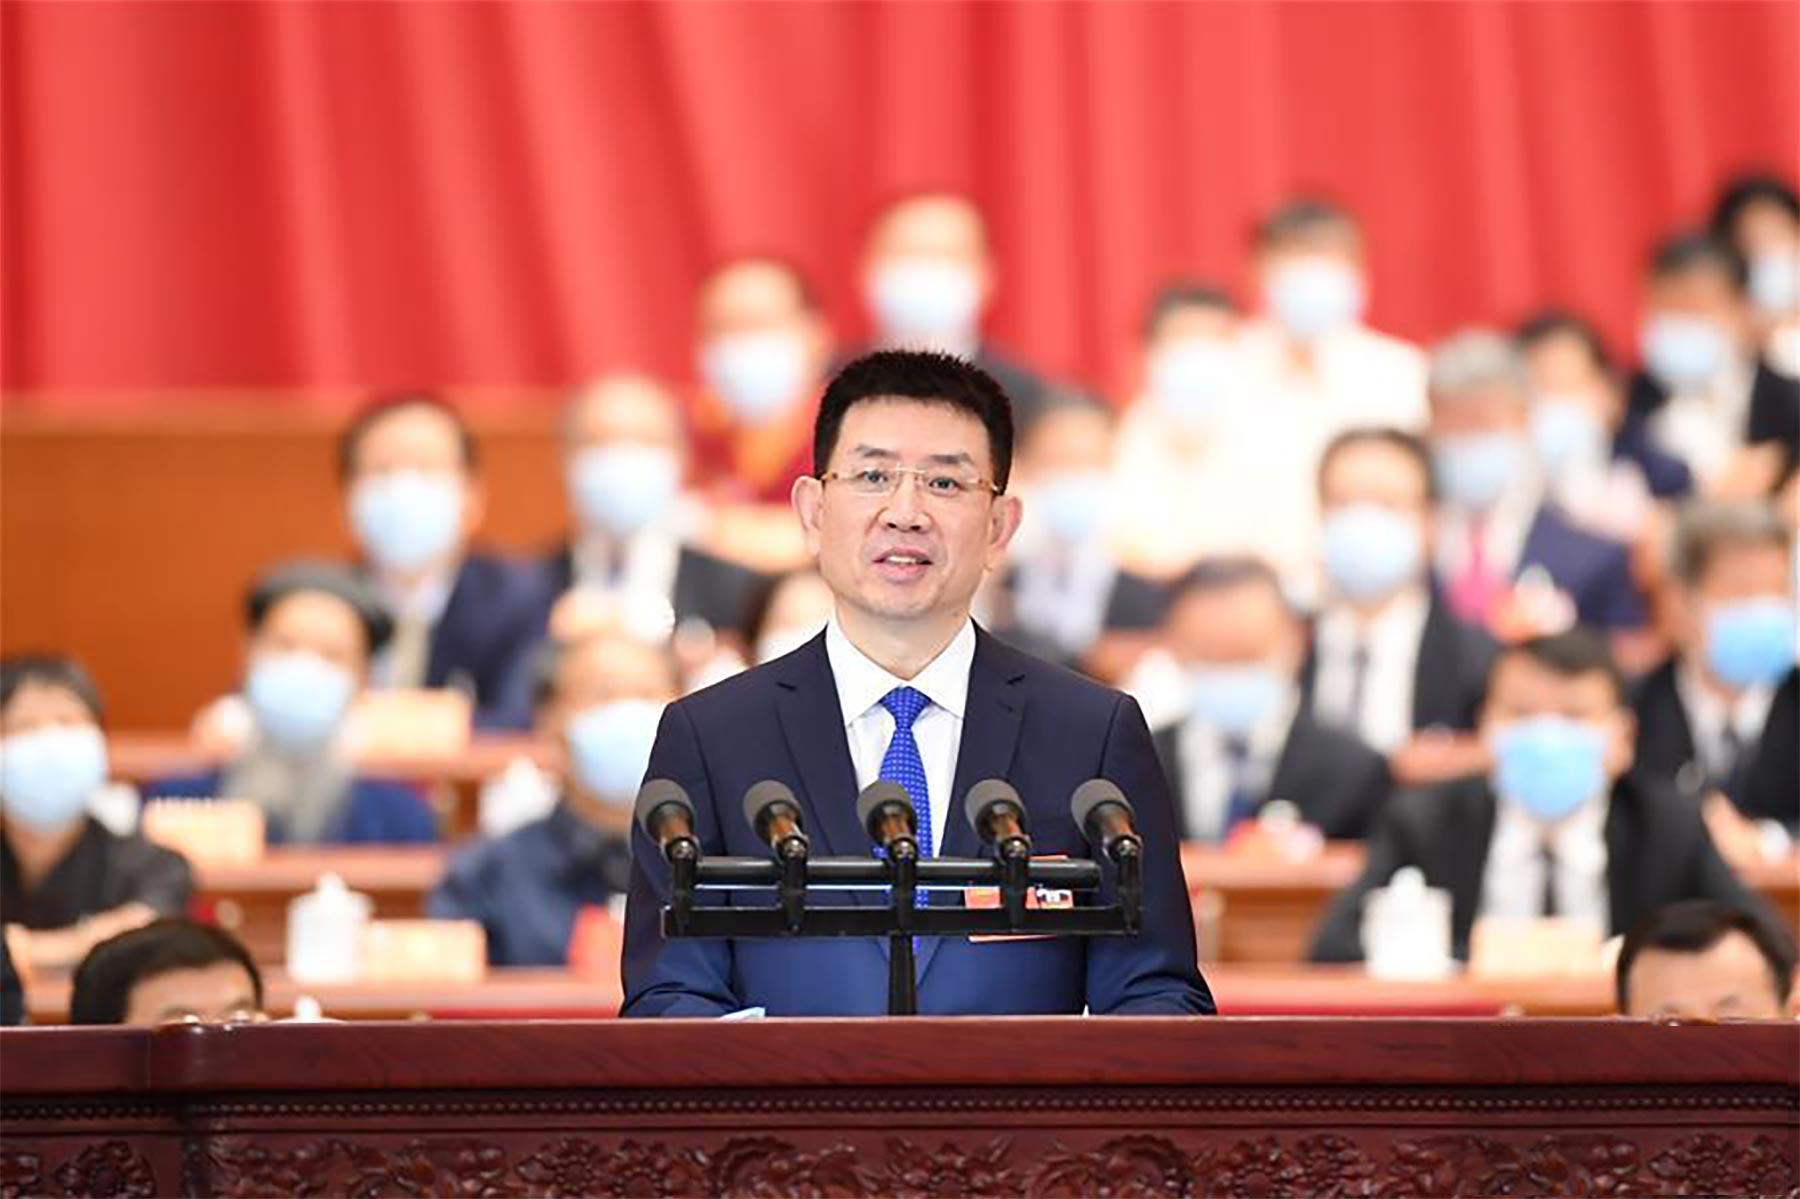 黄立委员代表全国工商联作大会发言。 新华社记者 燕雁 摄